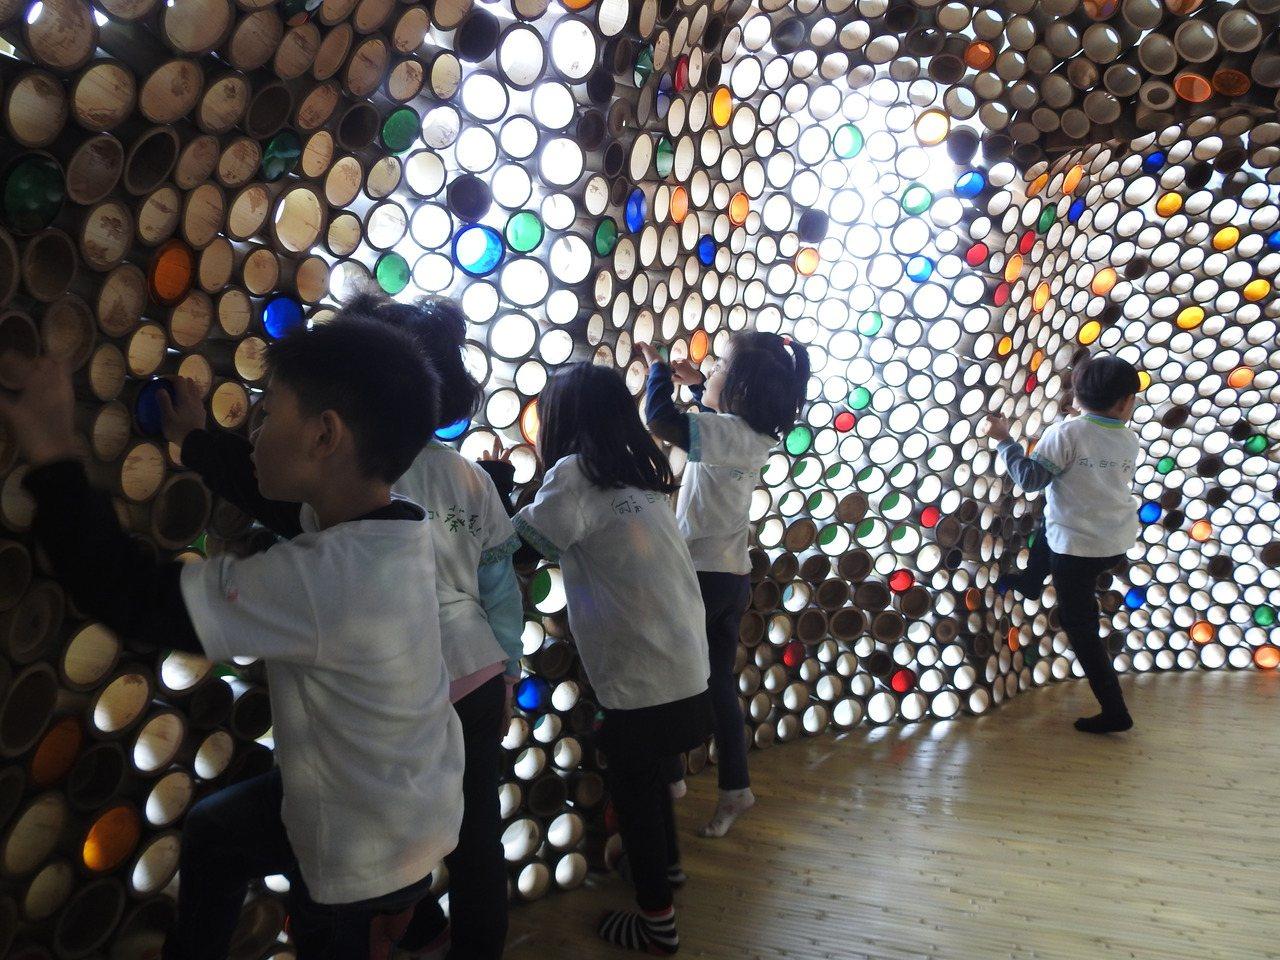 毛蟲隧道以孟宗竹管嵌以各色透明片,經光線投射呈現繽粉色彩,以童玩展現國內竹木工藝...